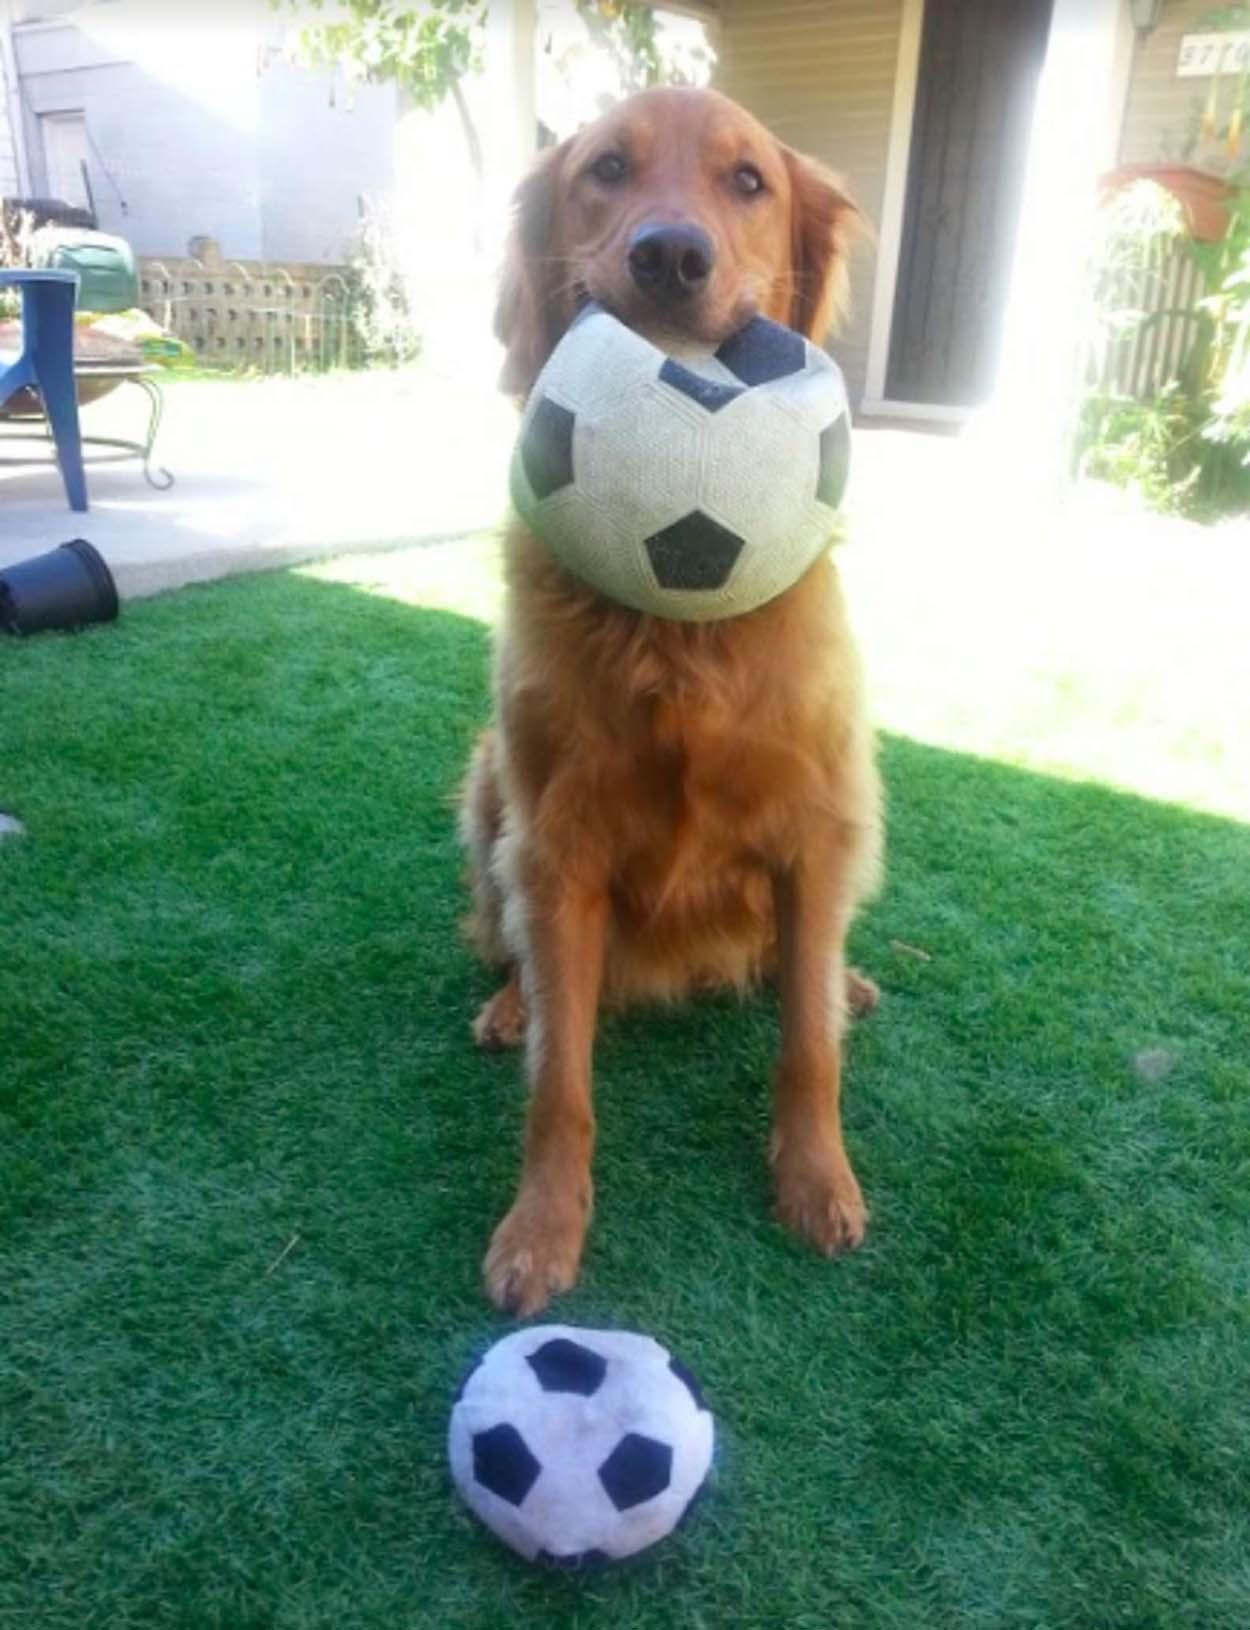 Lindo perro jugando pelota